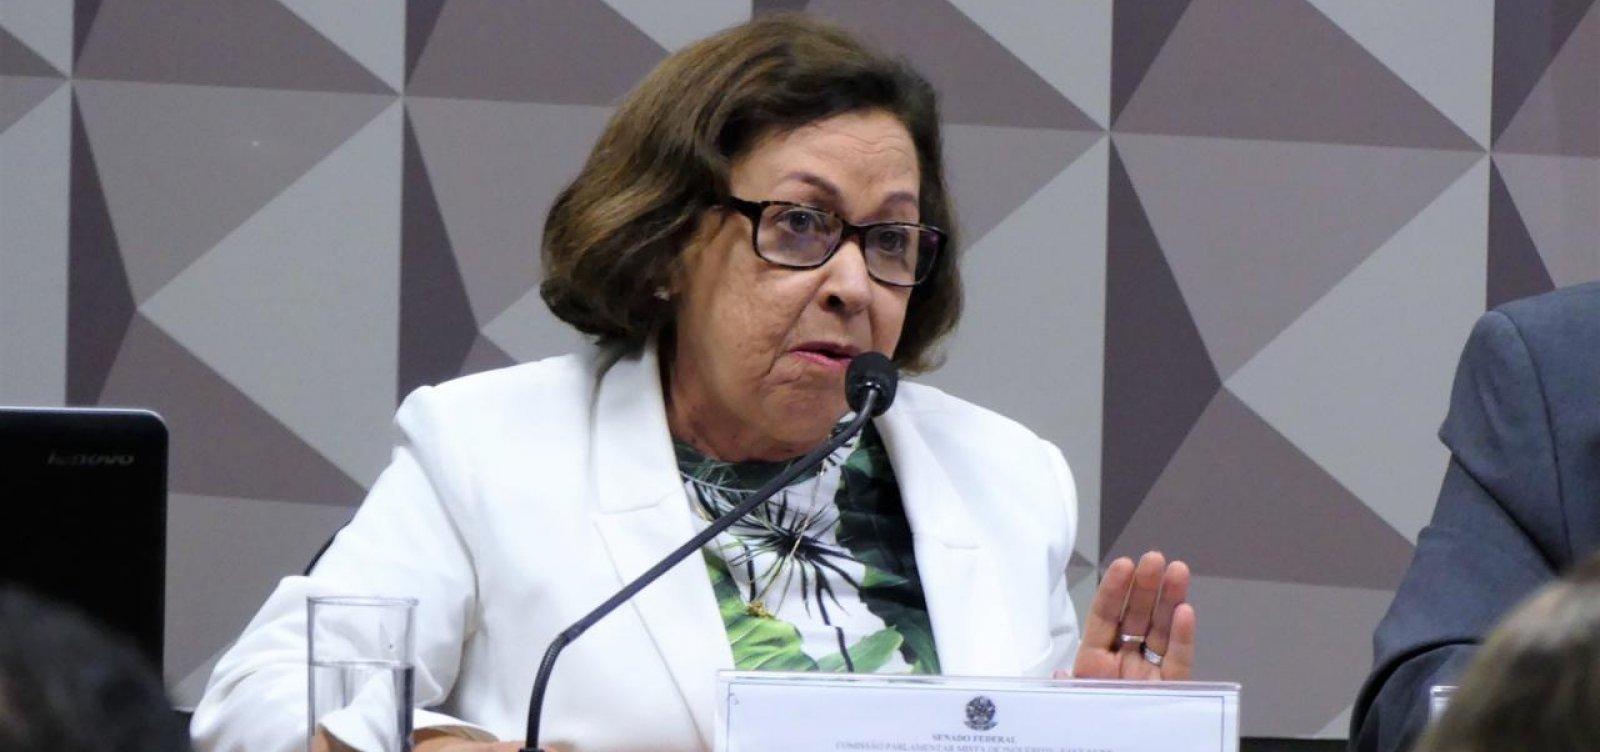 [Lídice da Mata diz que ministro da Educação é o mais 'deseducado' que já viu na pasta]